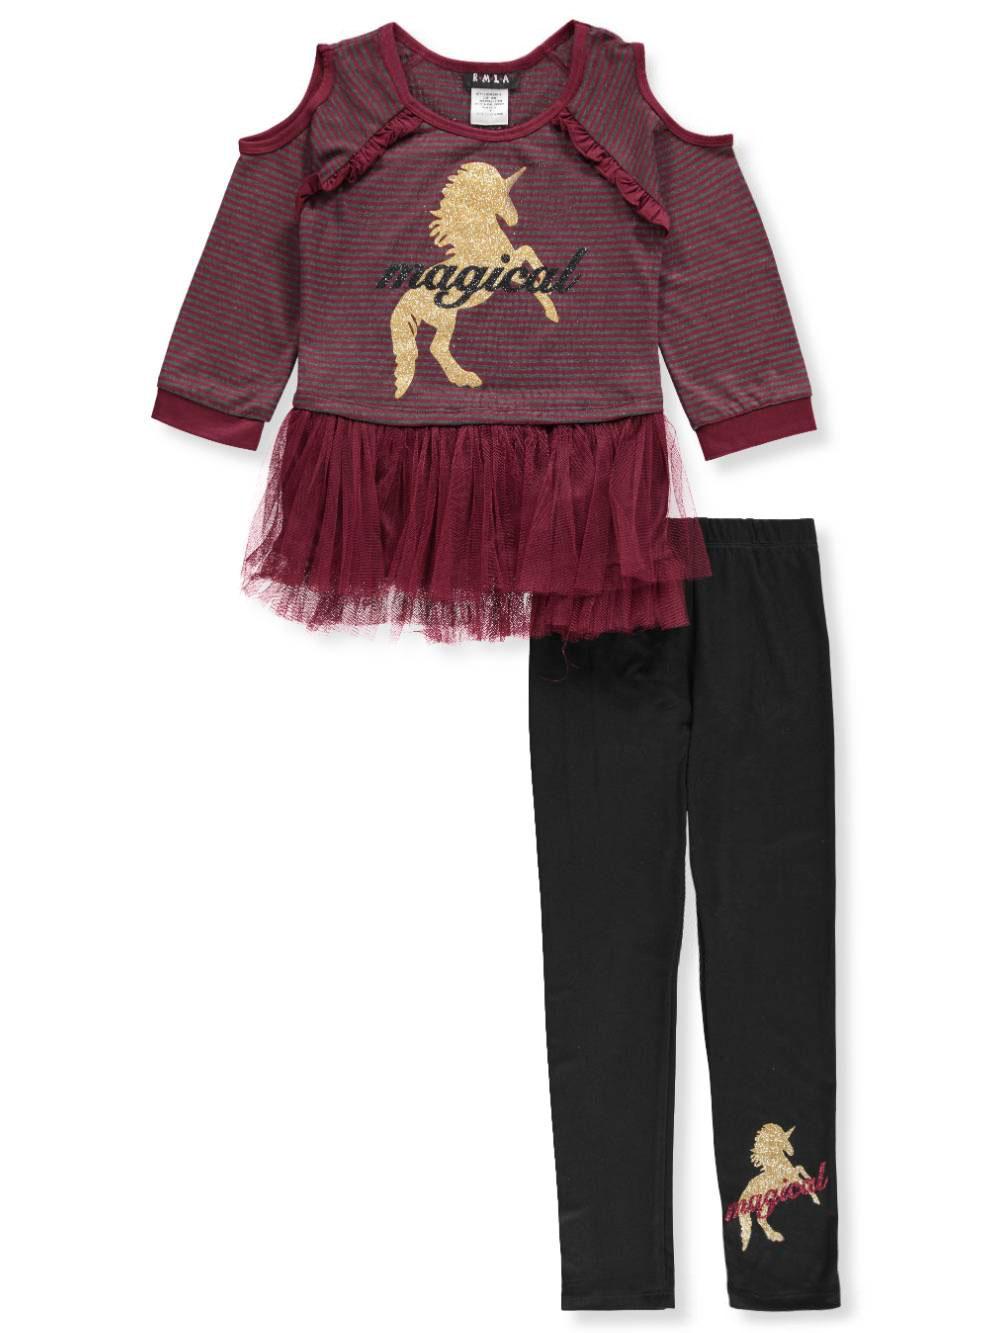 RMLA Girls Size 6 2-piece Legging Set